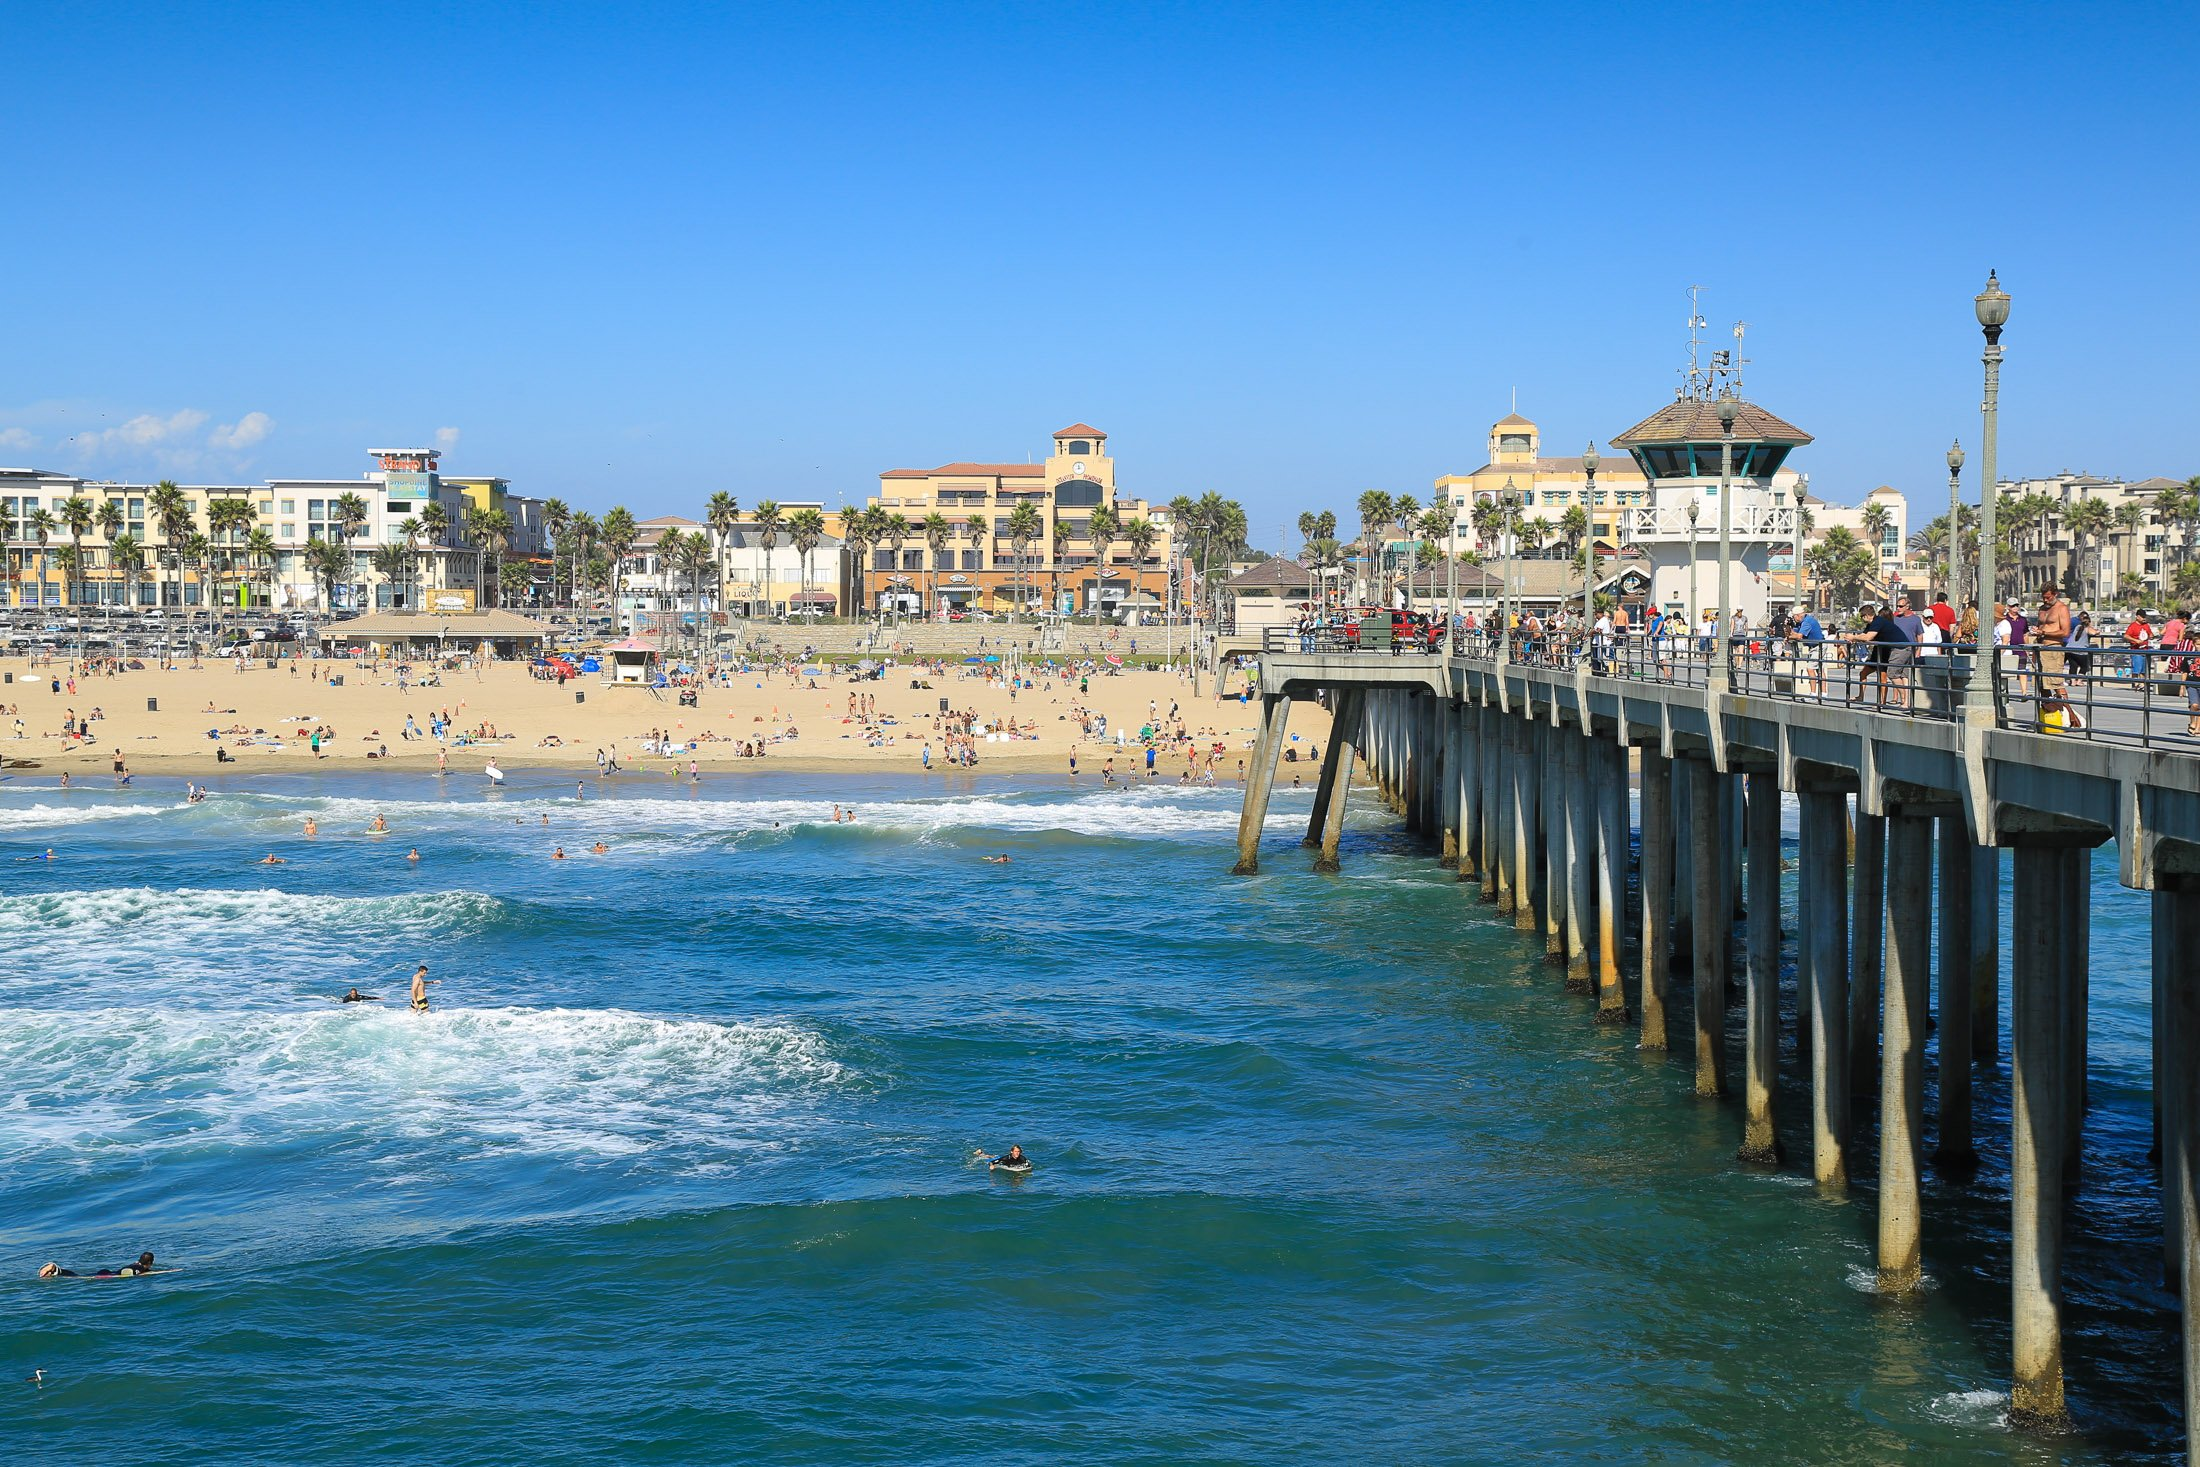 How Far Is Huntington Beach From La